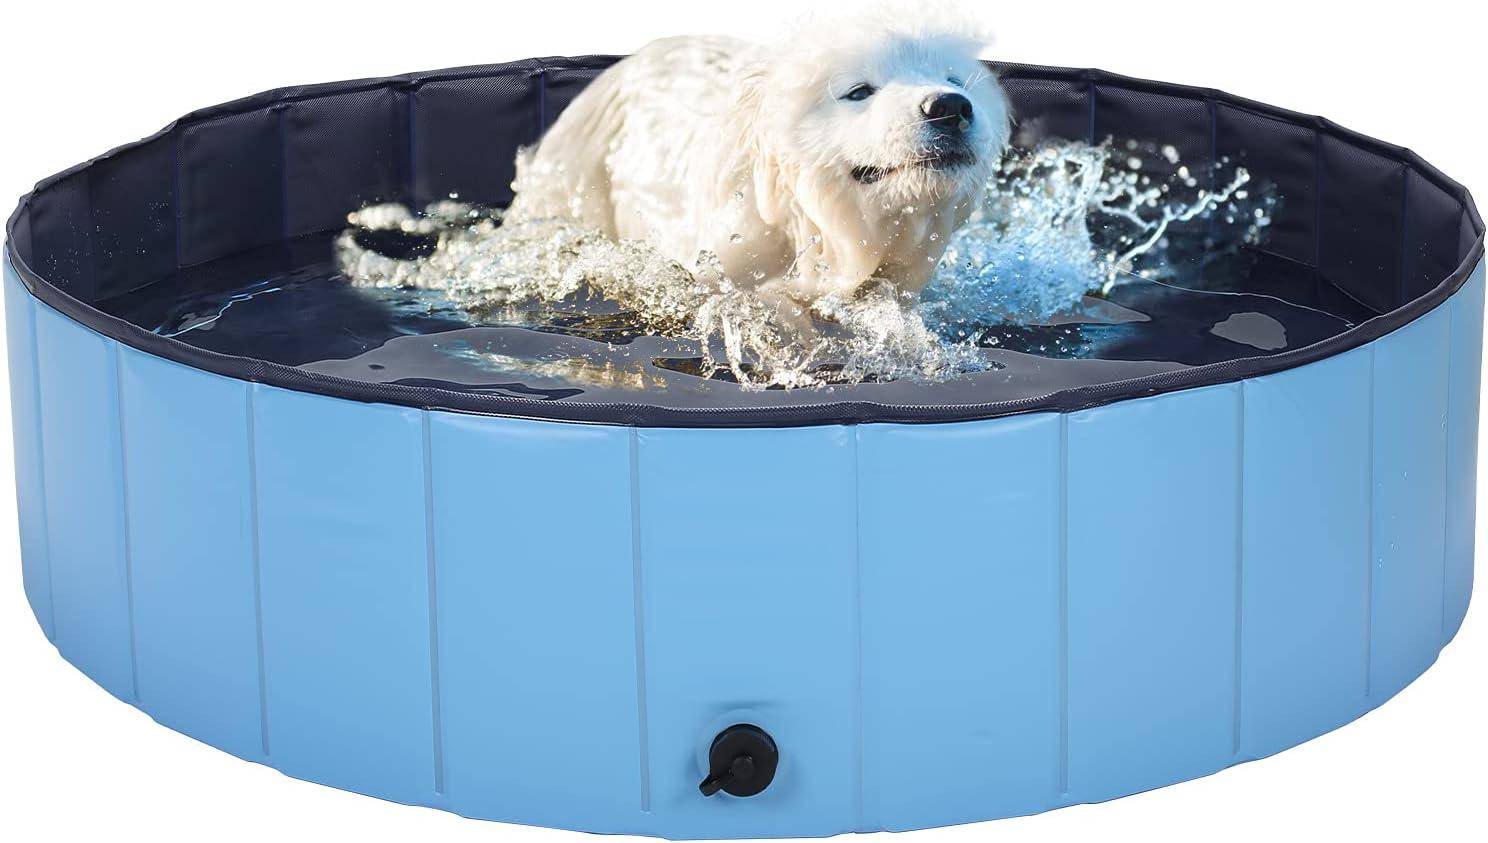 HAPPY HACHI Piscina para Perros Pequeños Plegable 80x20 cm Bañera para Gato Mascotas Resistente Duradero Refrescarse Nadando en Verano